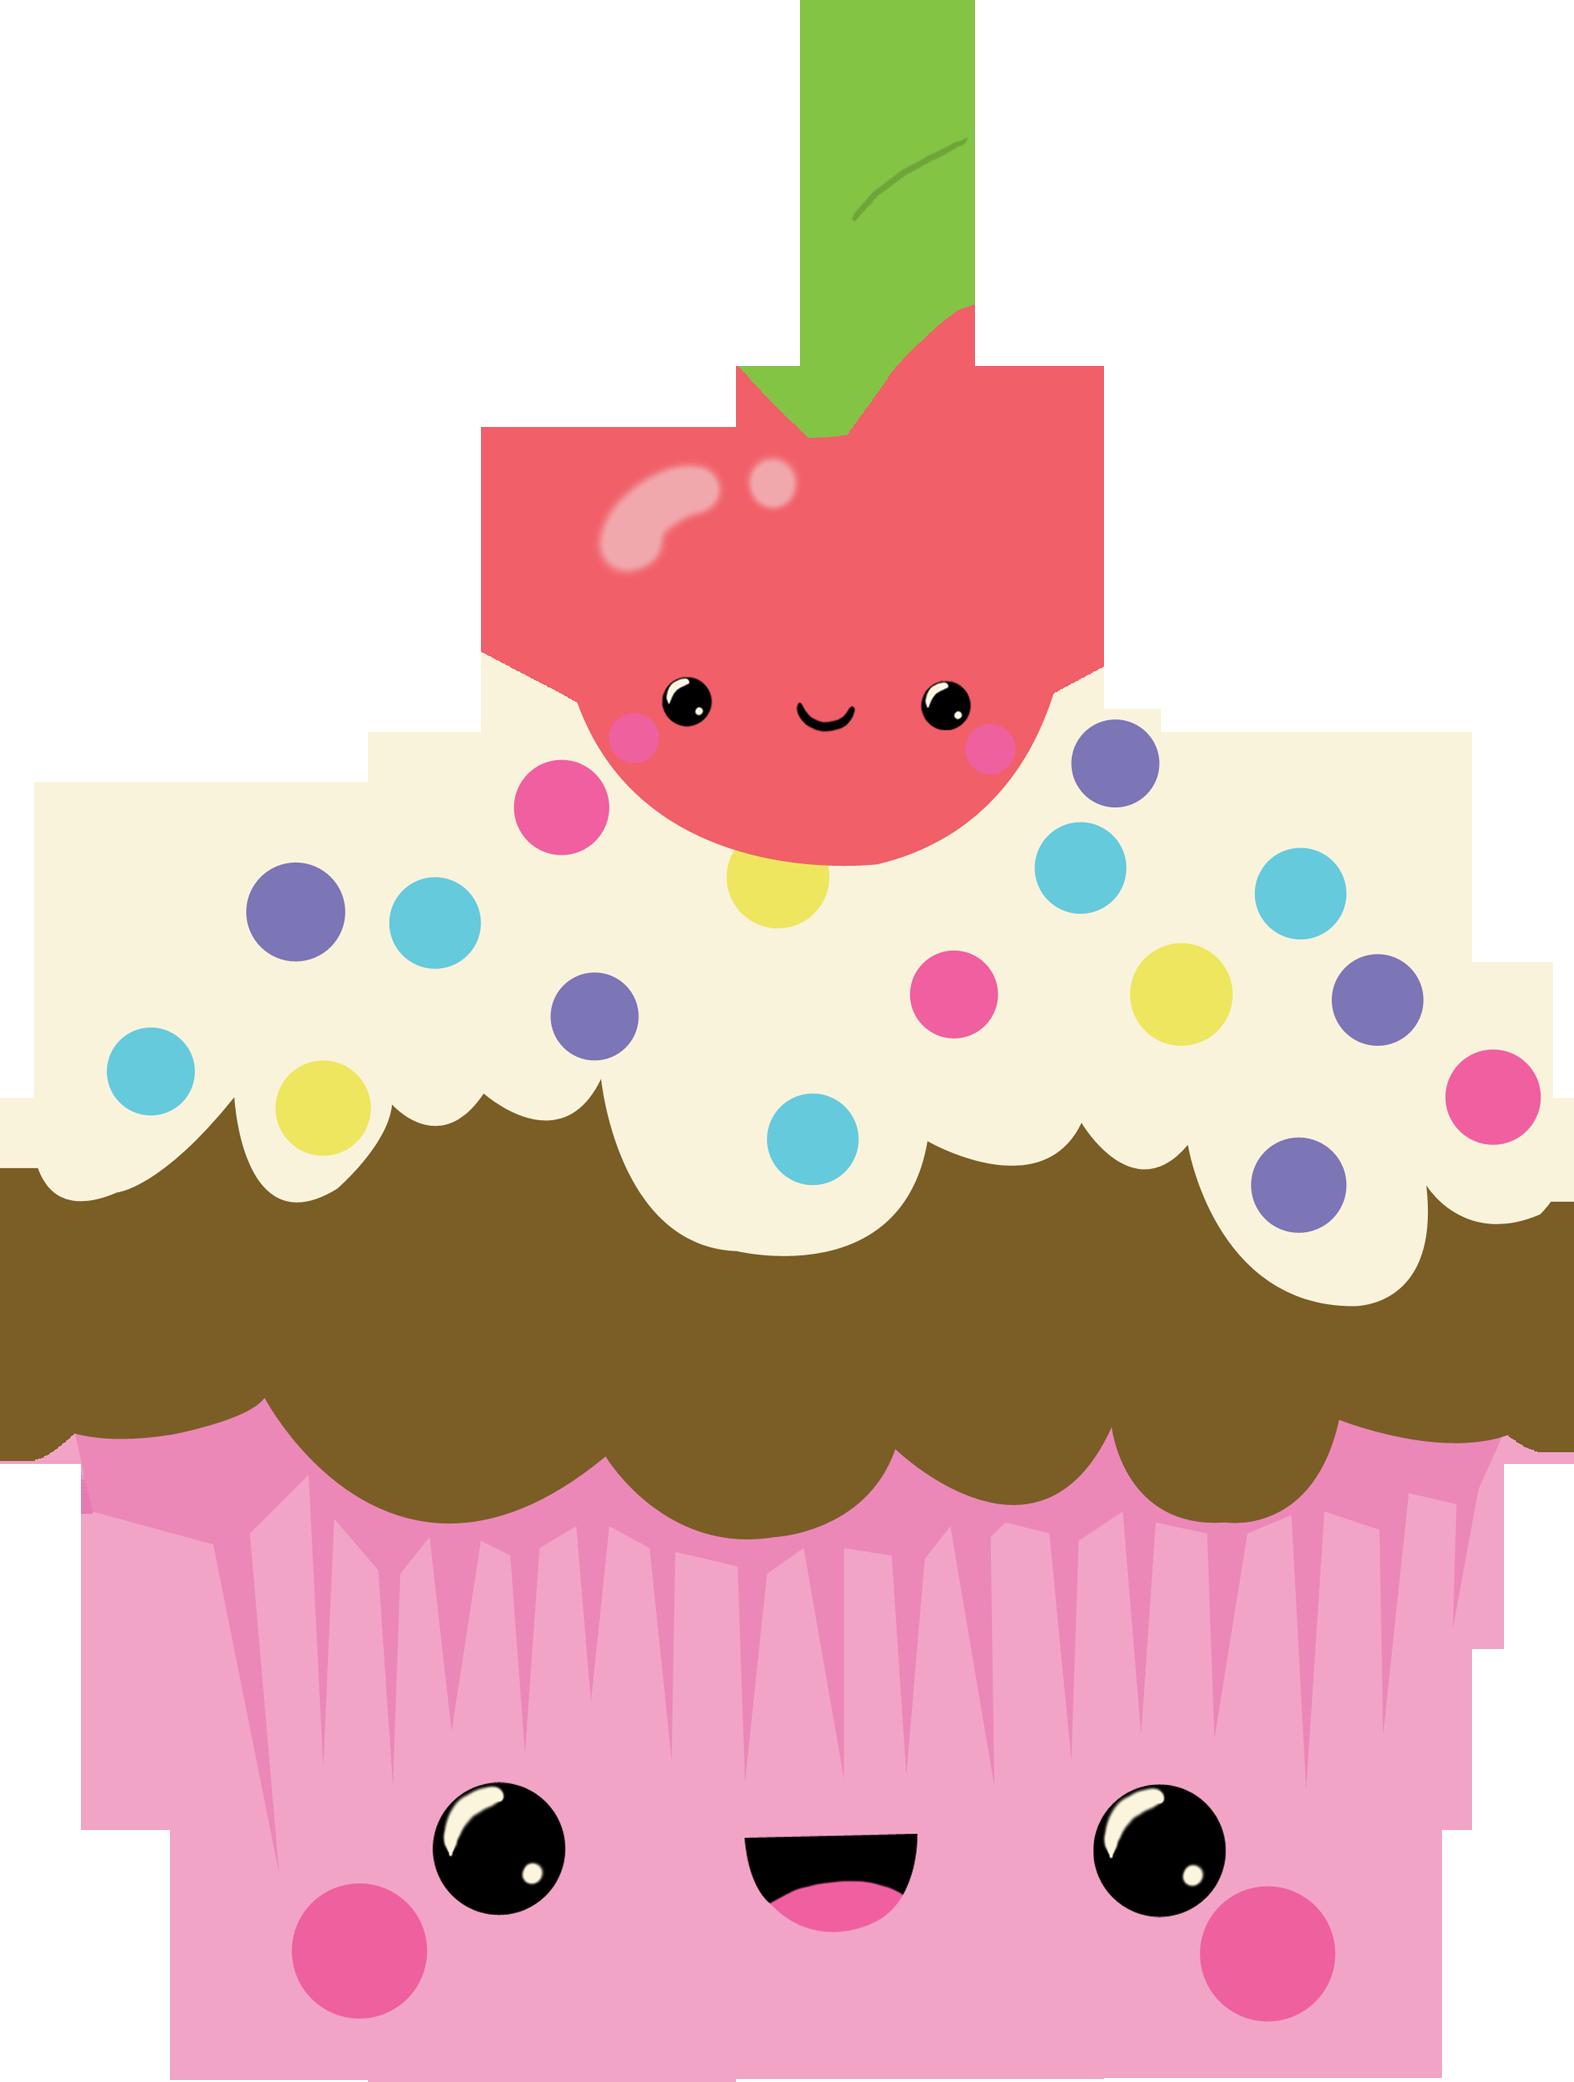 Muffin clipart kawaii Josie Pinterest Image cupcake kawaii